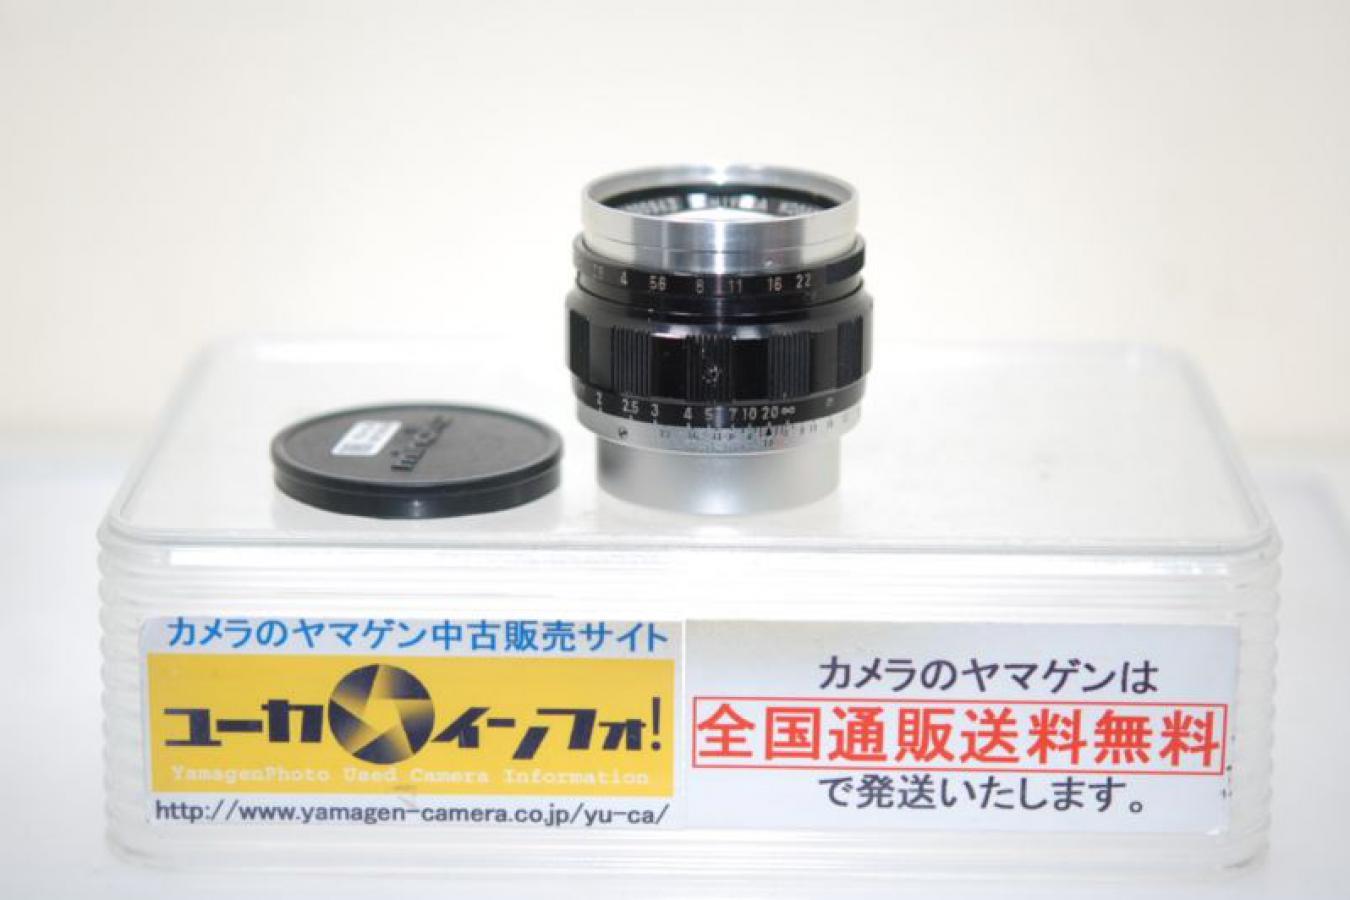 千代田光学製 SUPER ROKKOR 5cm F1.8 【ライカLマウントレンズ】